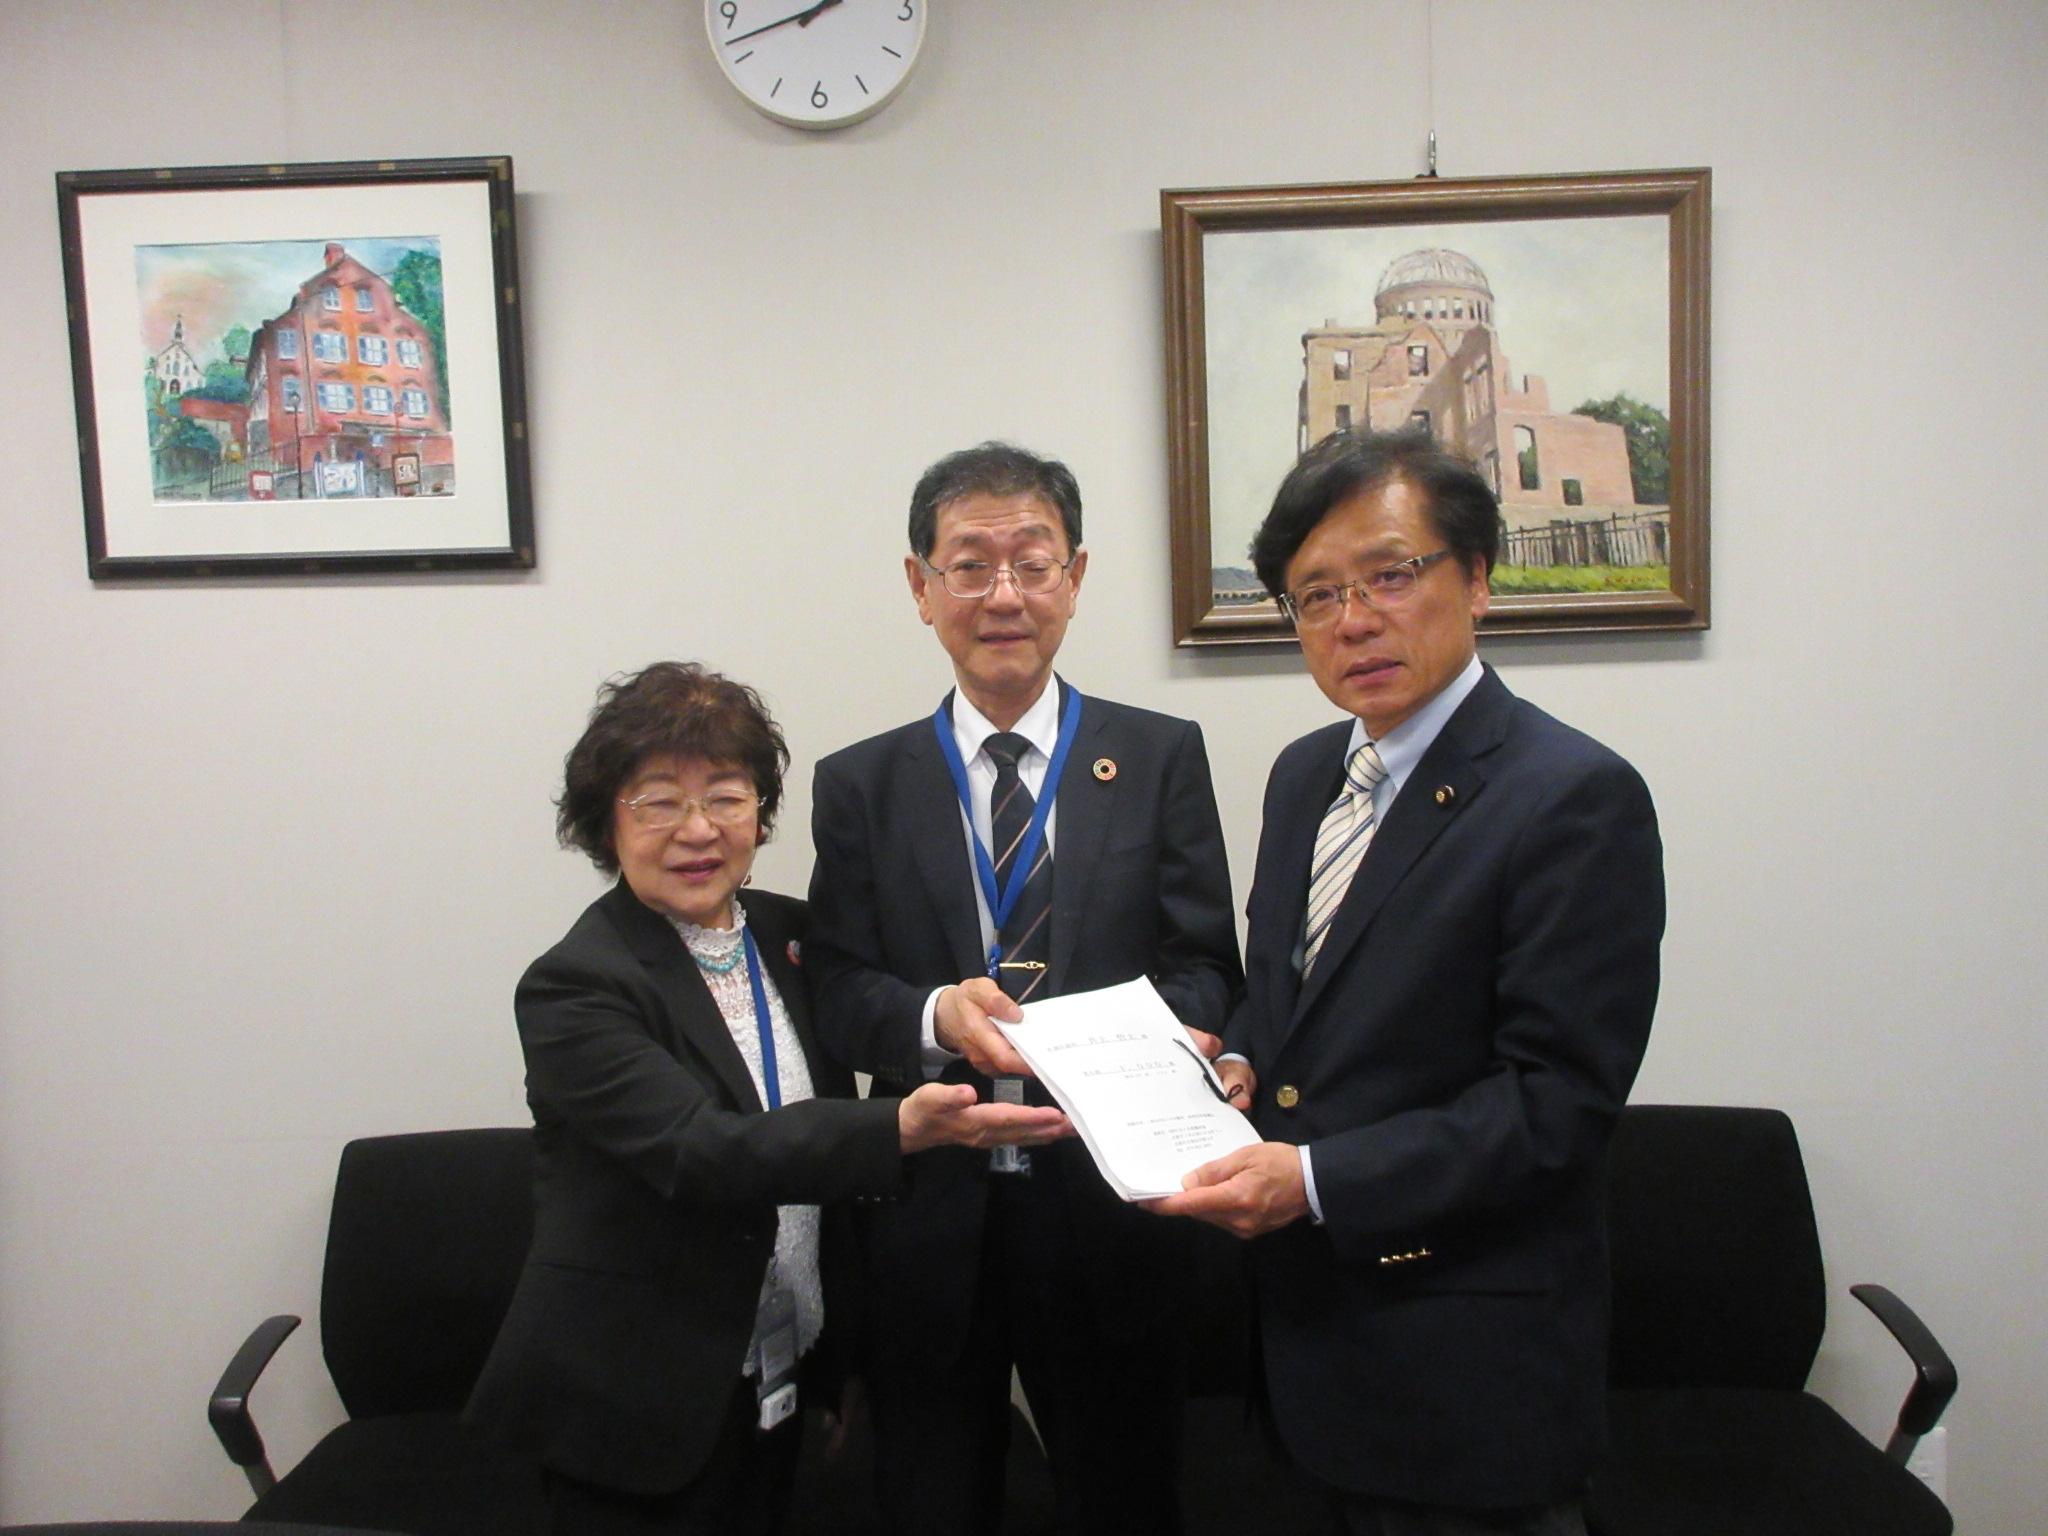 http://www.inoue-satoshi.com/diary/IMG_9512.JPG